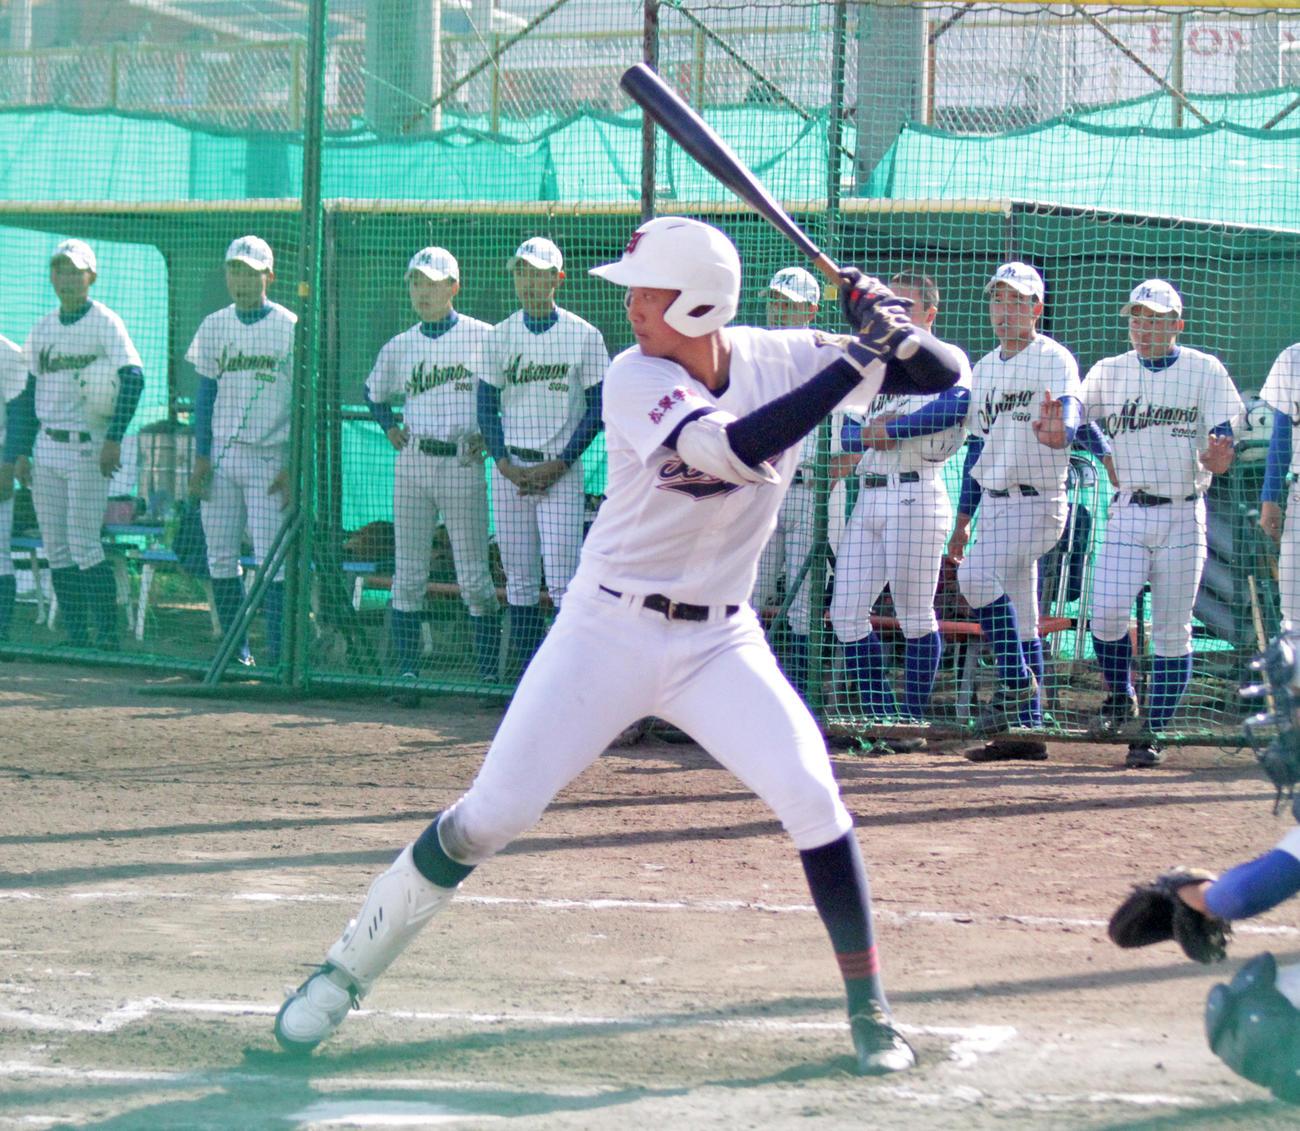 野手としてもプロ注目の岐阜第一・阪口楽投手はスケールの大きな打撃を披露(撮影・酒井俊作)